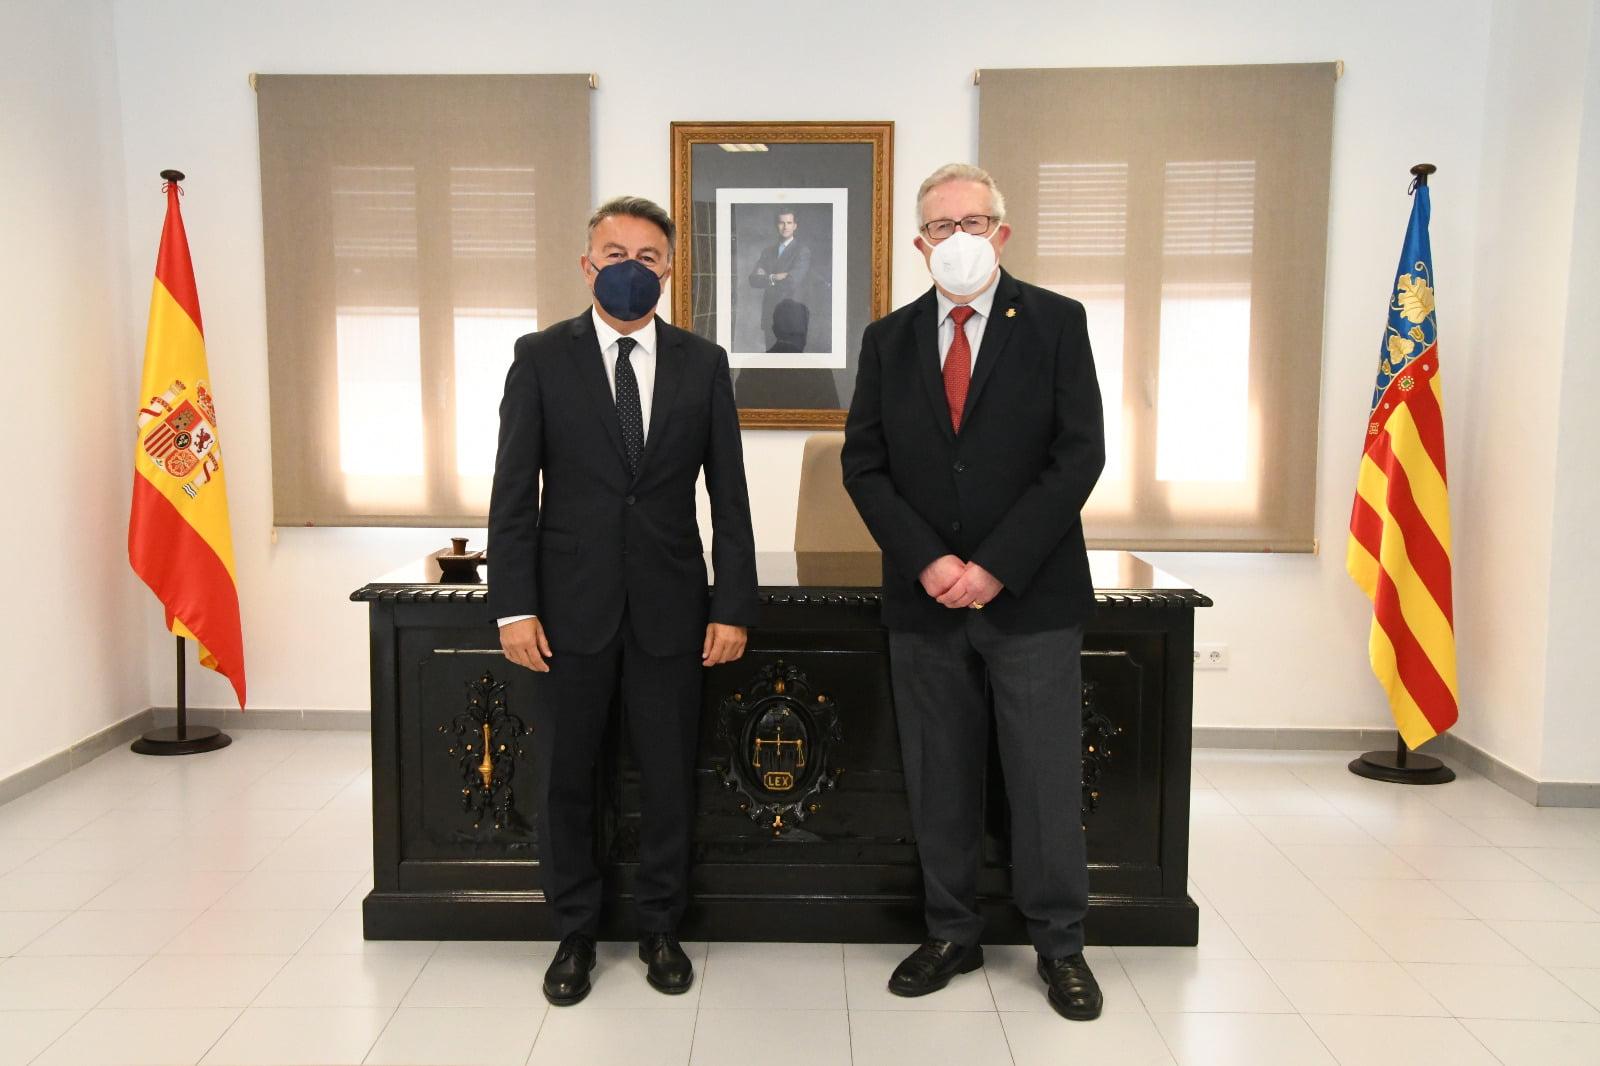 Toma de posesión del juez de paz, Gabriel Sapena